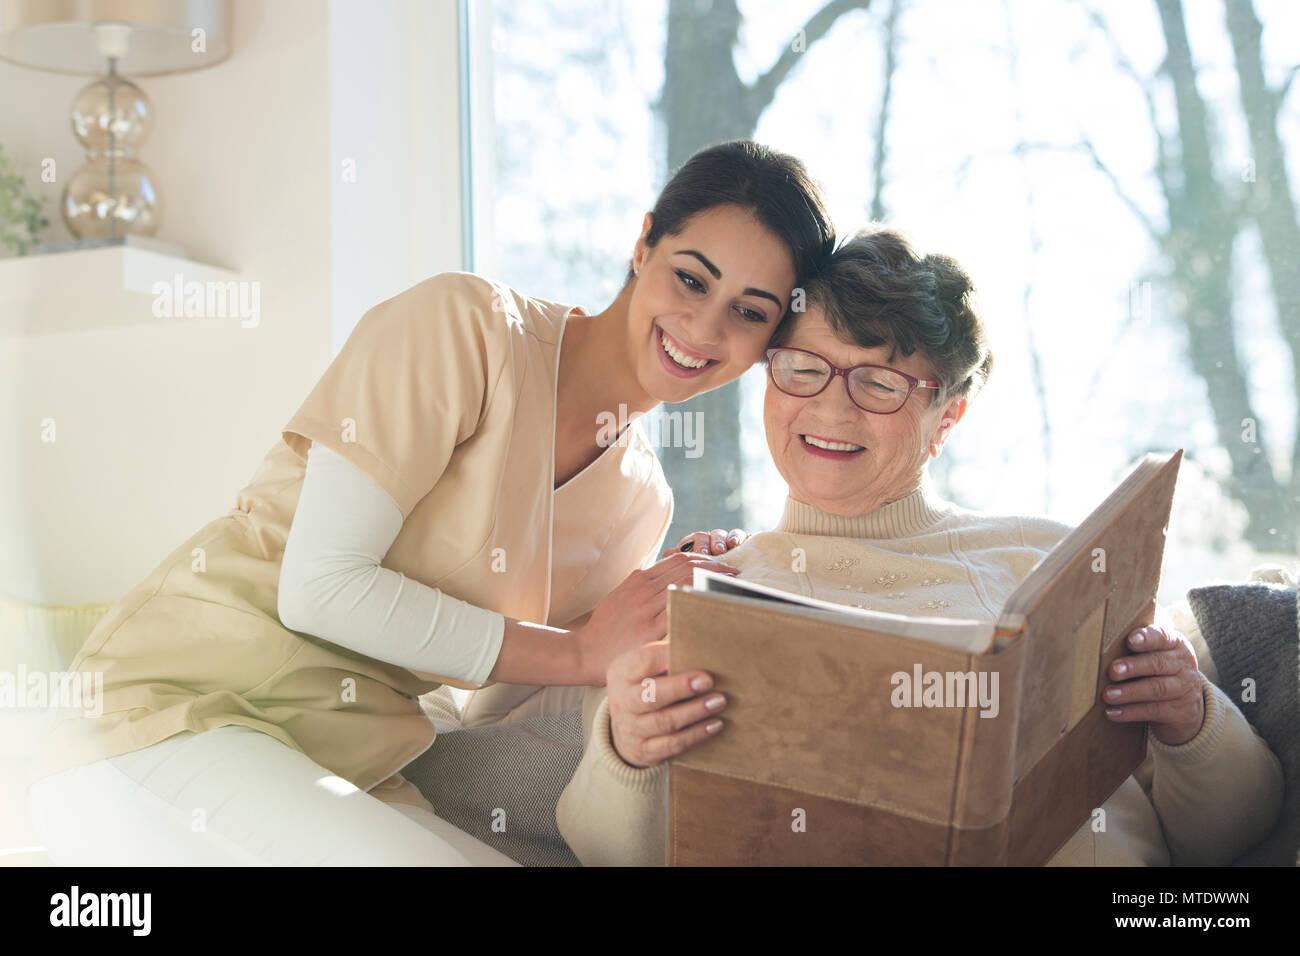 Geriatrische Patienten mit Demenz zusammen mit einer beruflichen Rehabilitation Krankenschwester an einem Familie Foto Album in einem privaten betreutes Wohnen Haus suchen Stockbild